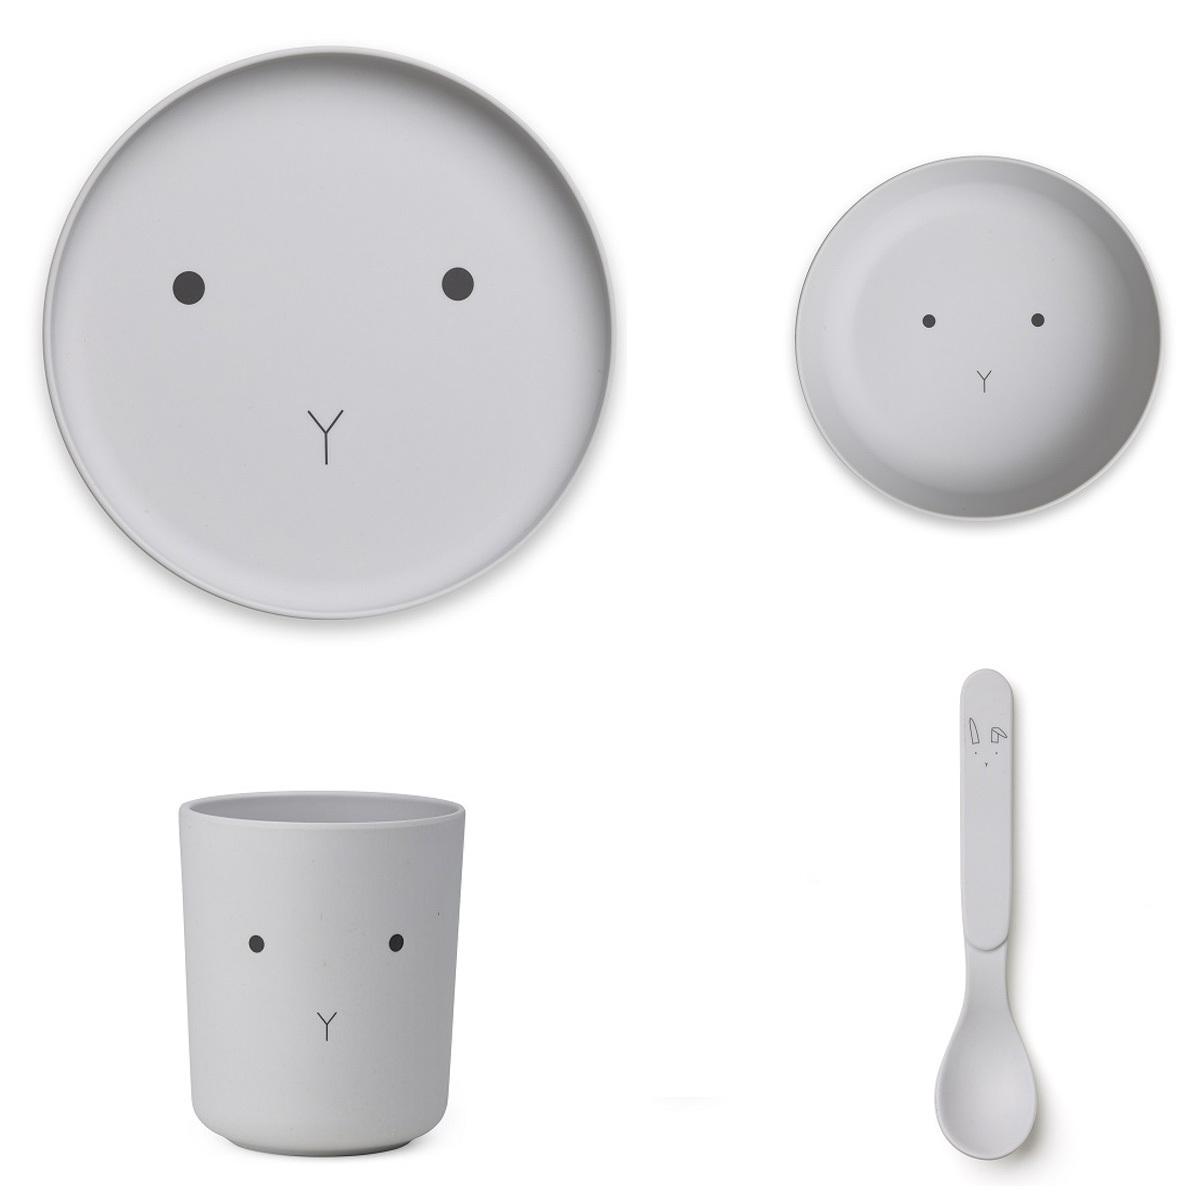 Coffret repas Set de Vaisselle Rabbit - Dumbo Grey Set de Vaisselle Rabbit - Dumbo Grey